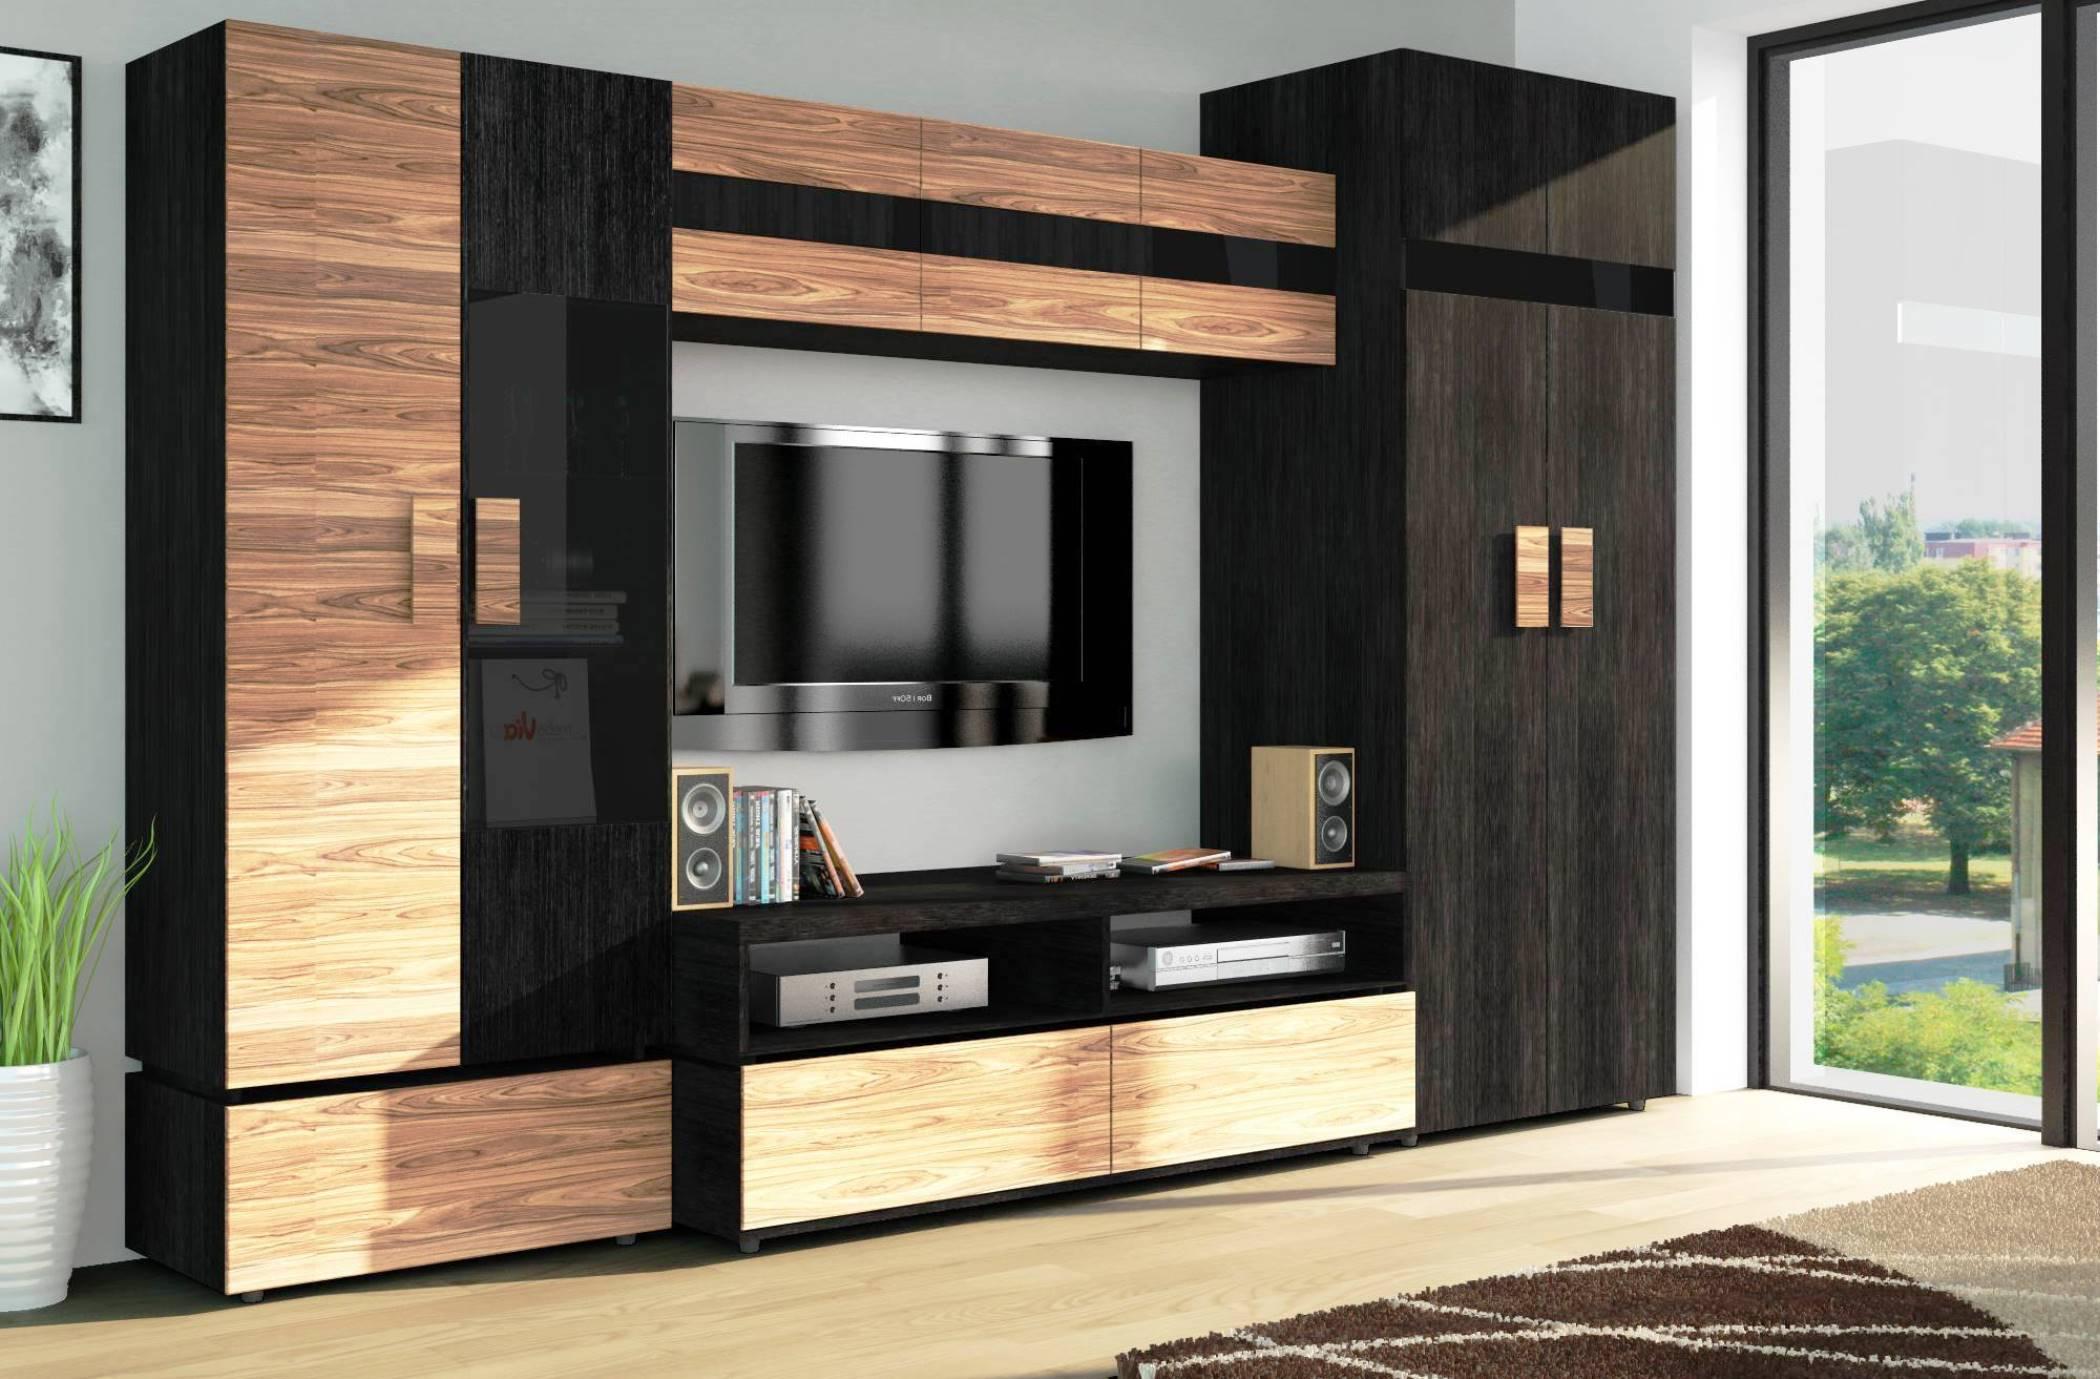 Обустройство квартиры мебелью – заключительный этап ремонта, которому необходимо уделять особое внимание, утверждают в мебельном интернет-магазине MebShop и хотят рассказать в этом материале об особенностях выбора корпусной мебели на примере собственного ассортимента.